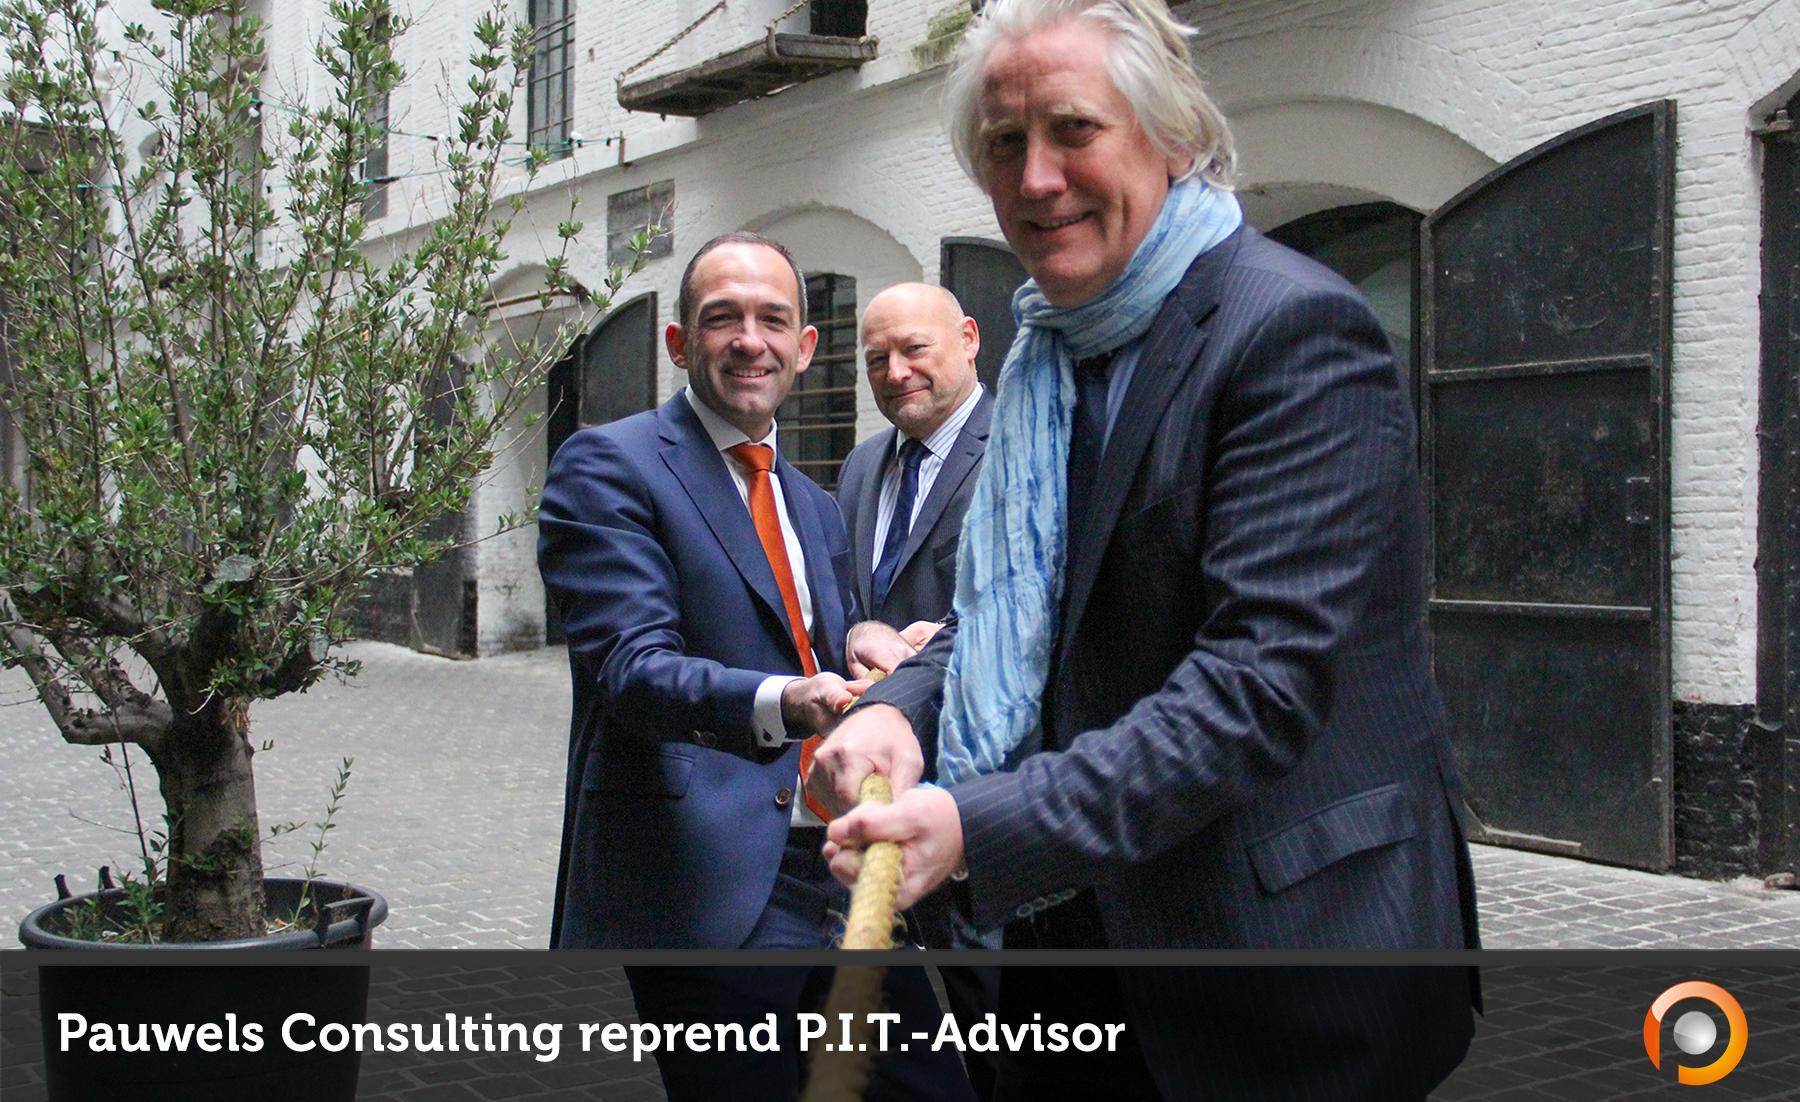 Pauwels Consulting reprend P.I.T.-Advisor